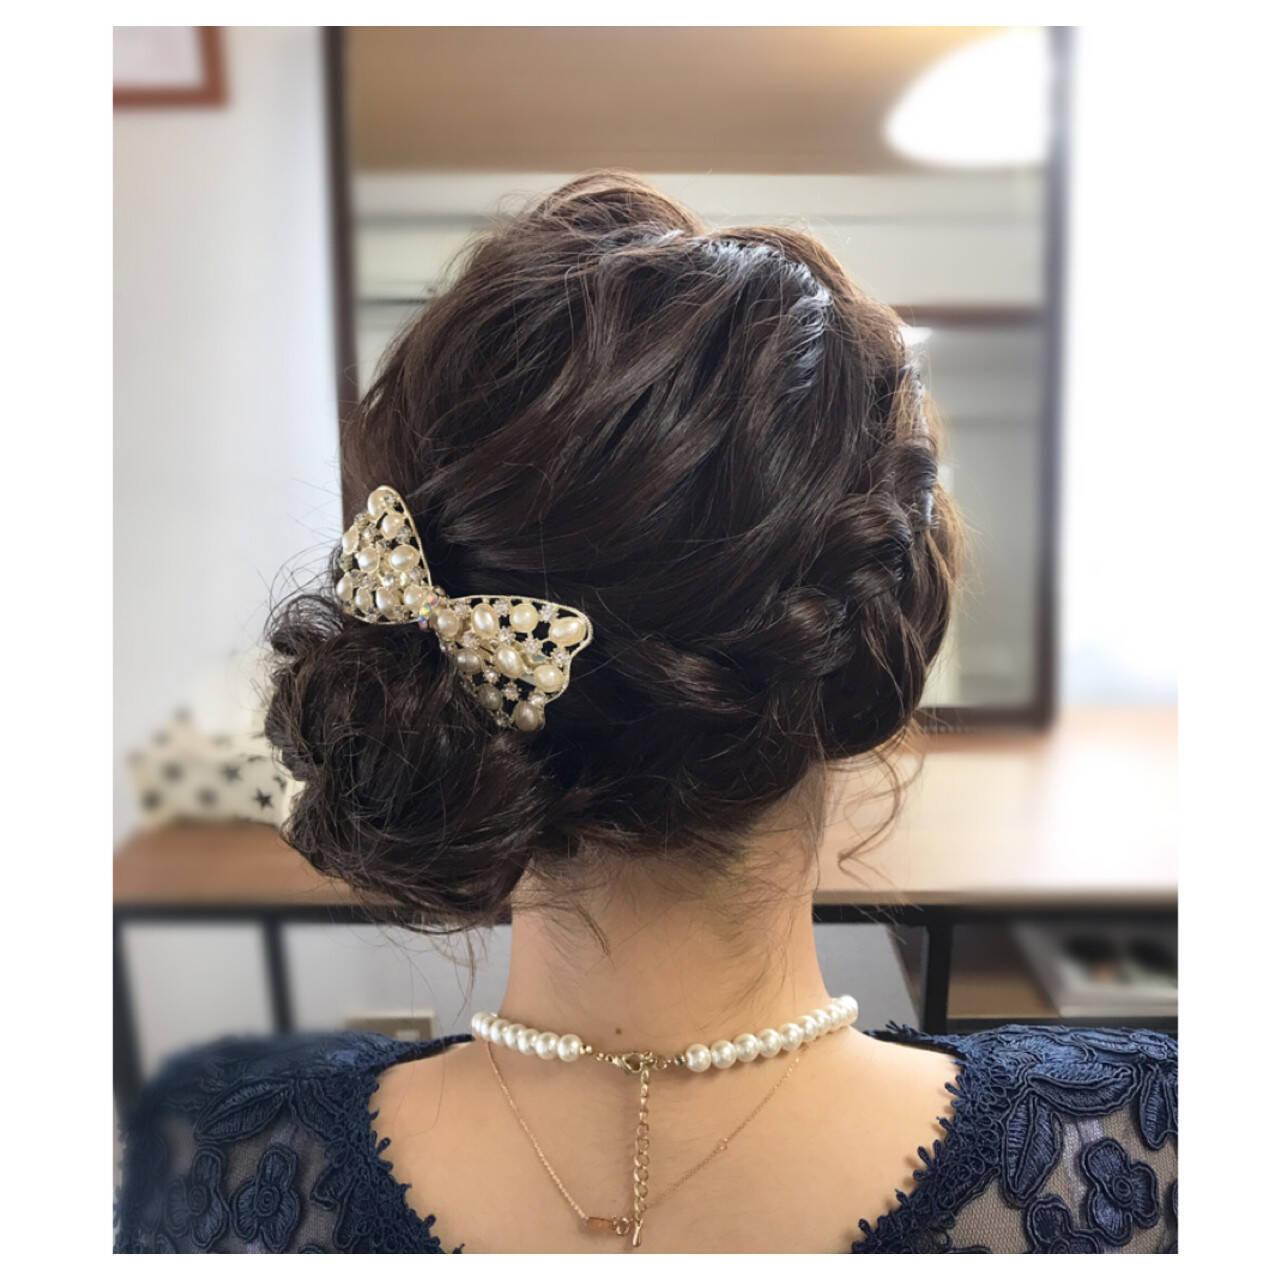 パーティ ヘアアレンジ ミディアム 結婚式ヘアスタイルや髪型の写真・画像